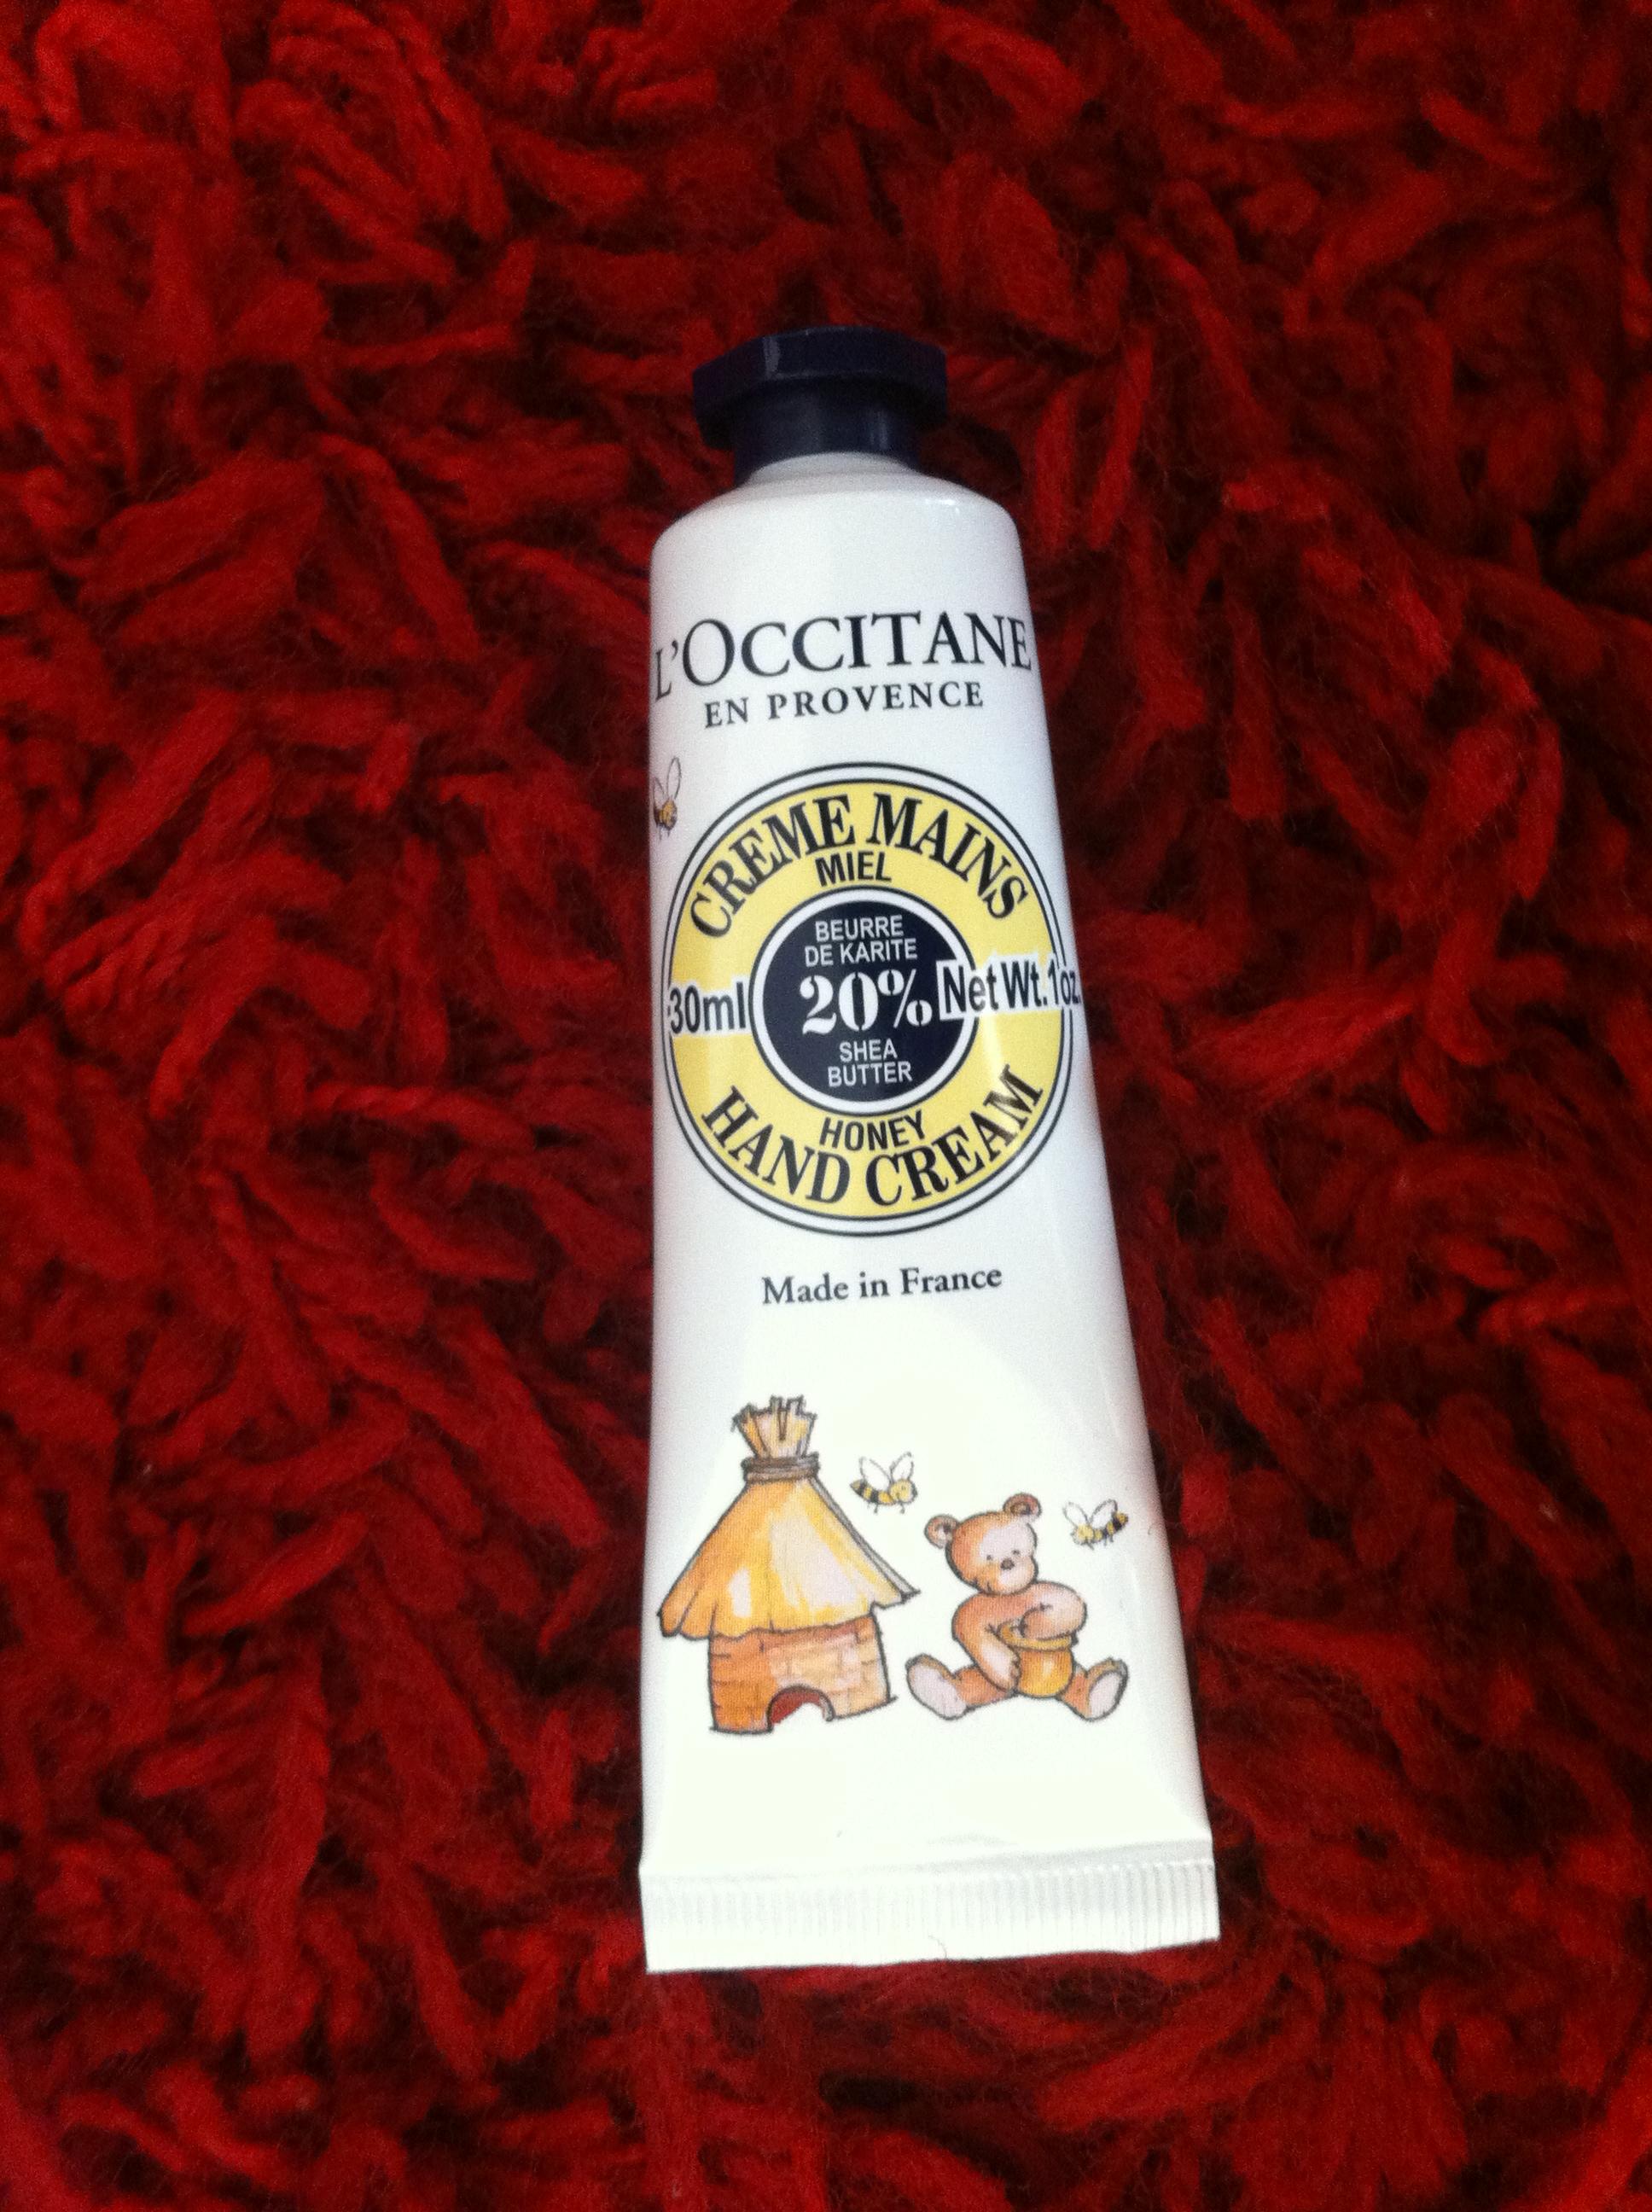 L'Occitane crème mains au miel et karité